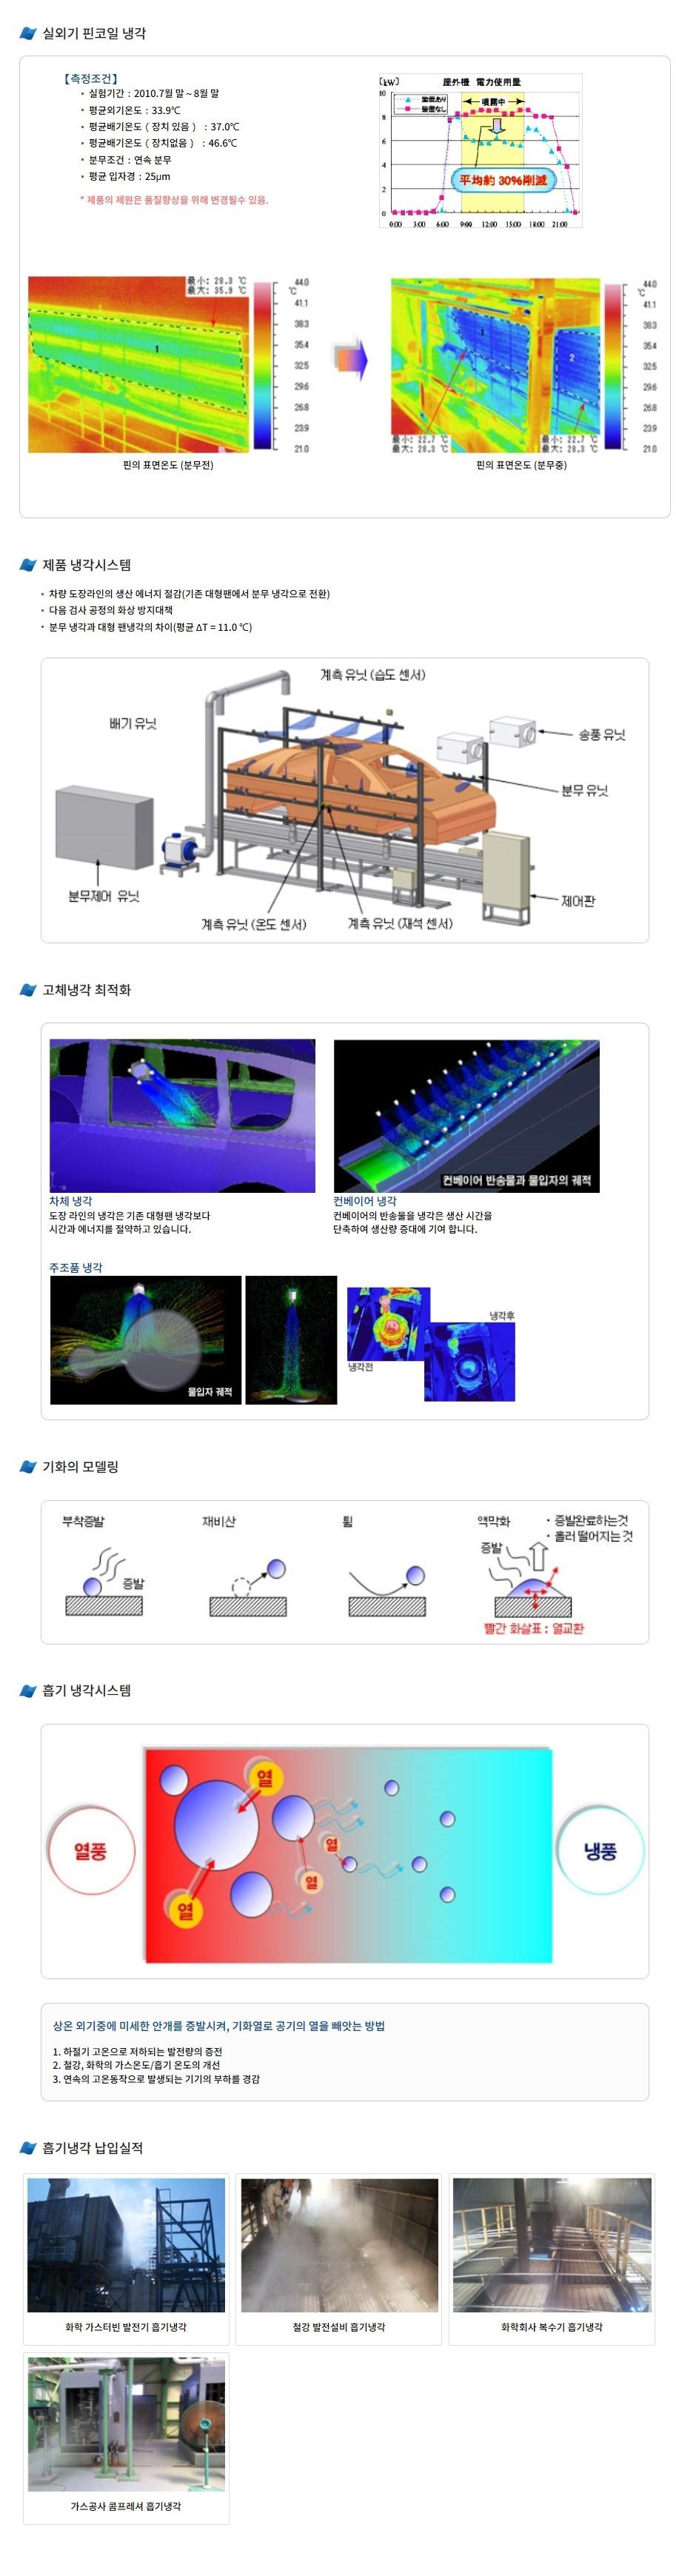 냉각시스템-crop.jpg